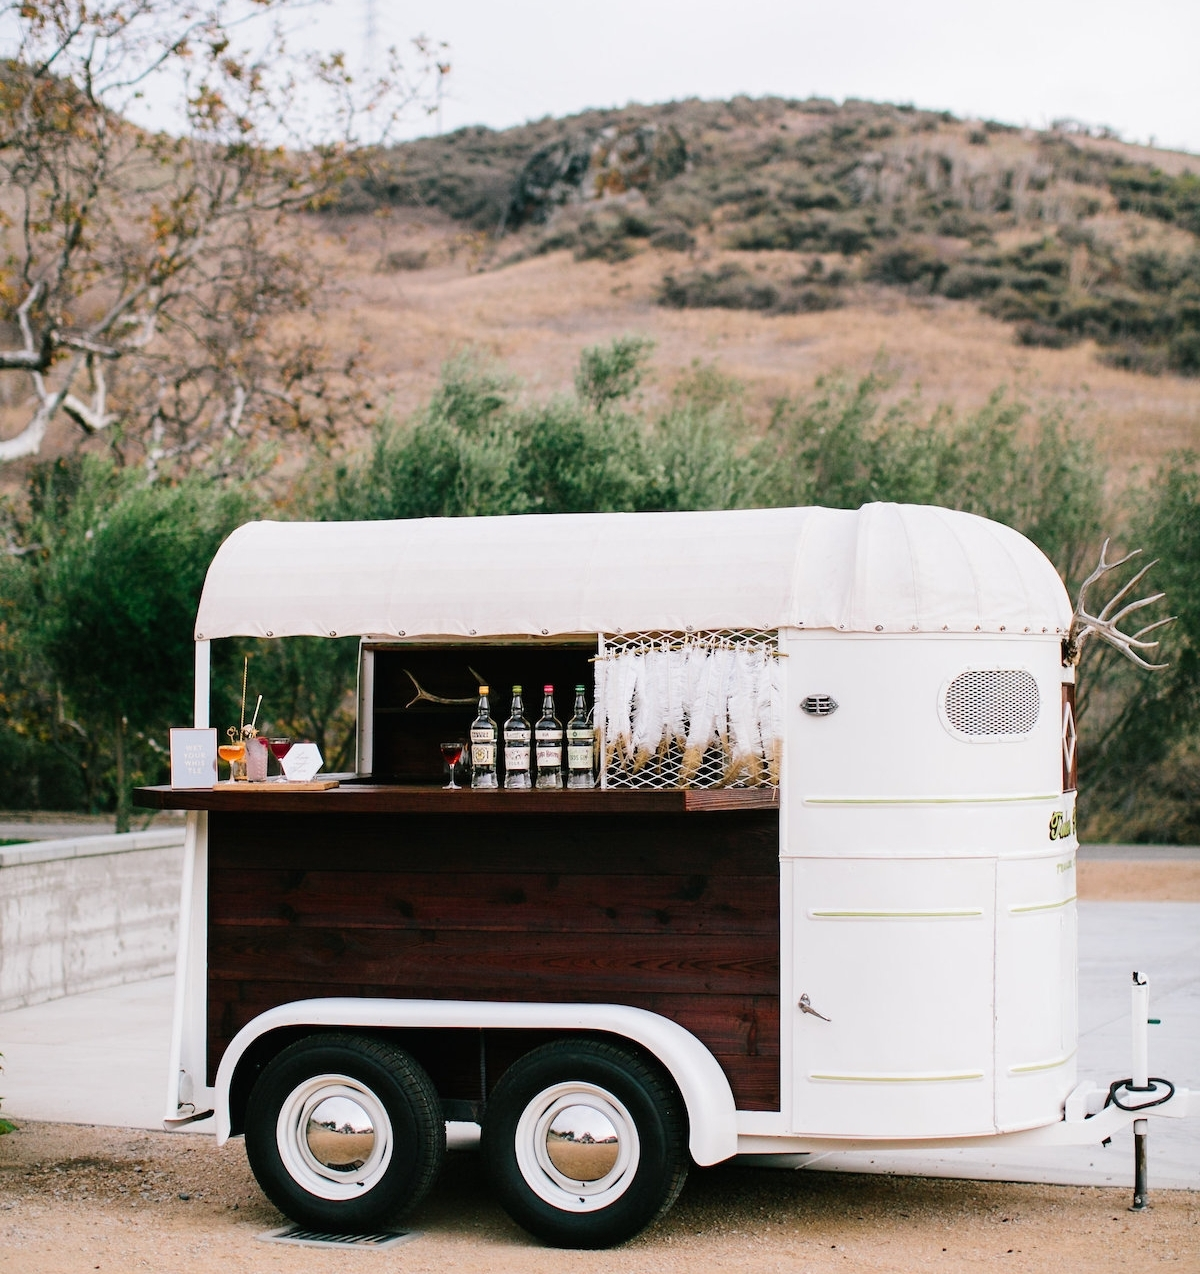 tinker-tin-trailer-co-1948-trail-king-horse-trailer-bar-2